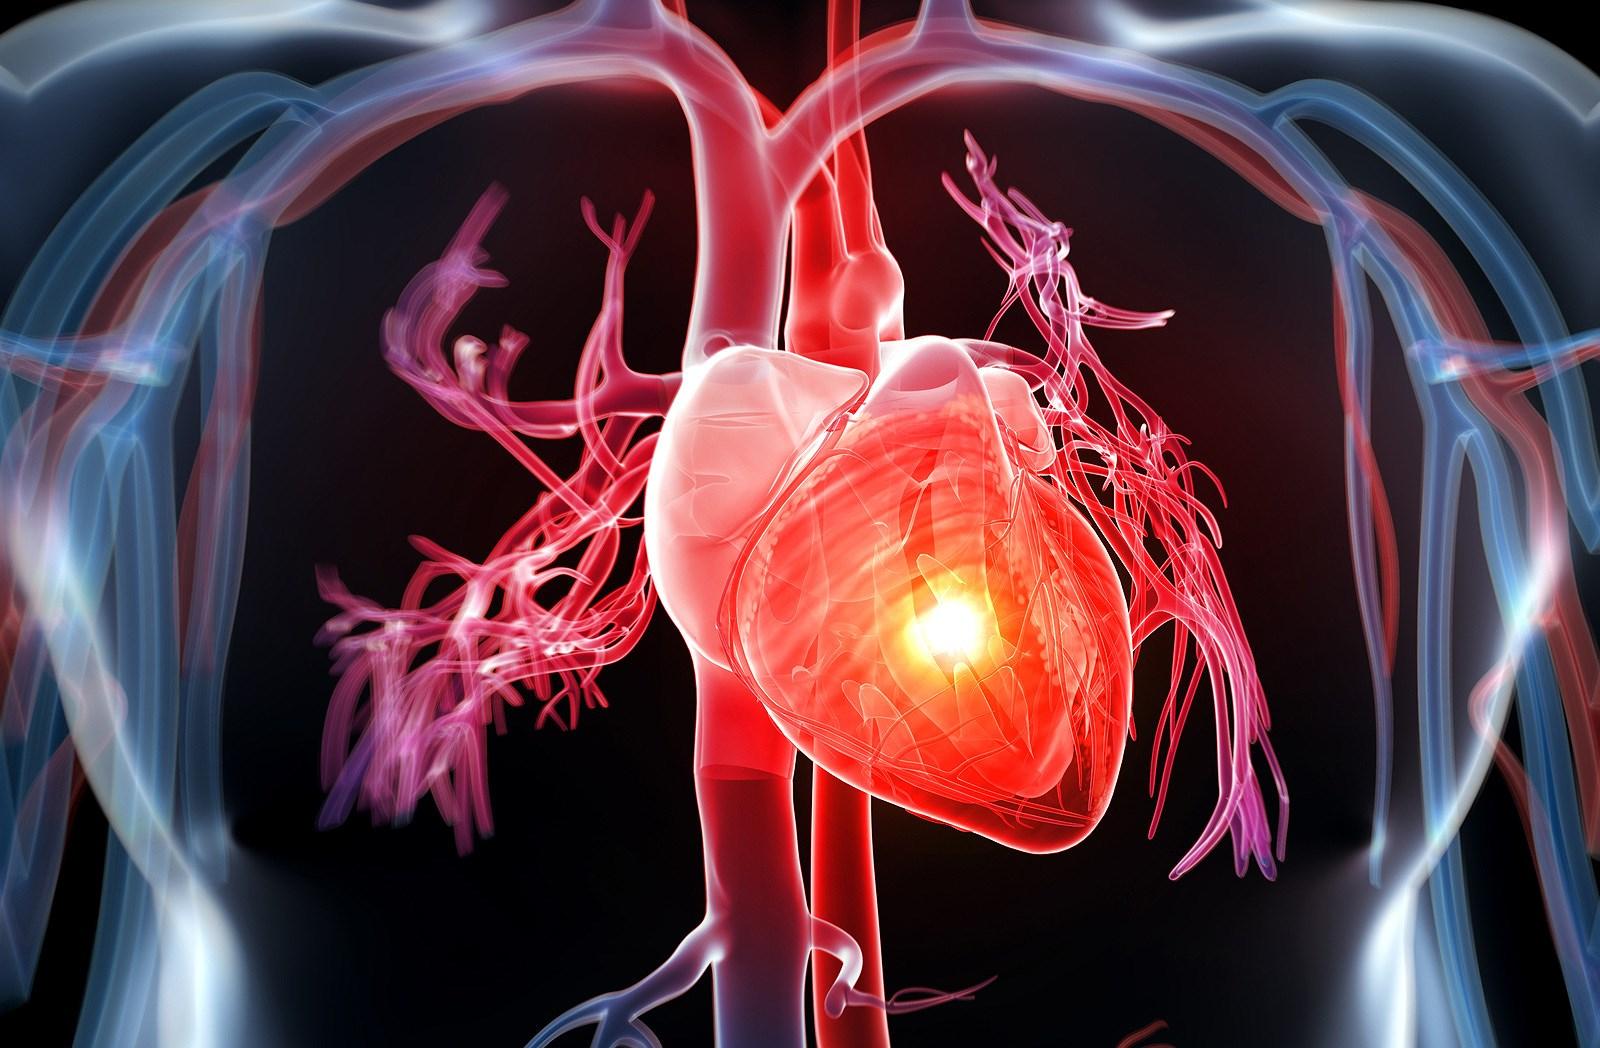 Bệnh tim mạch, kè thù lớn nhất của con người (Nguồn hình ảnh: Internet)